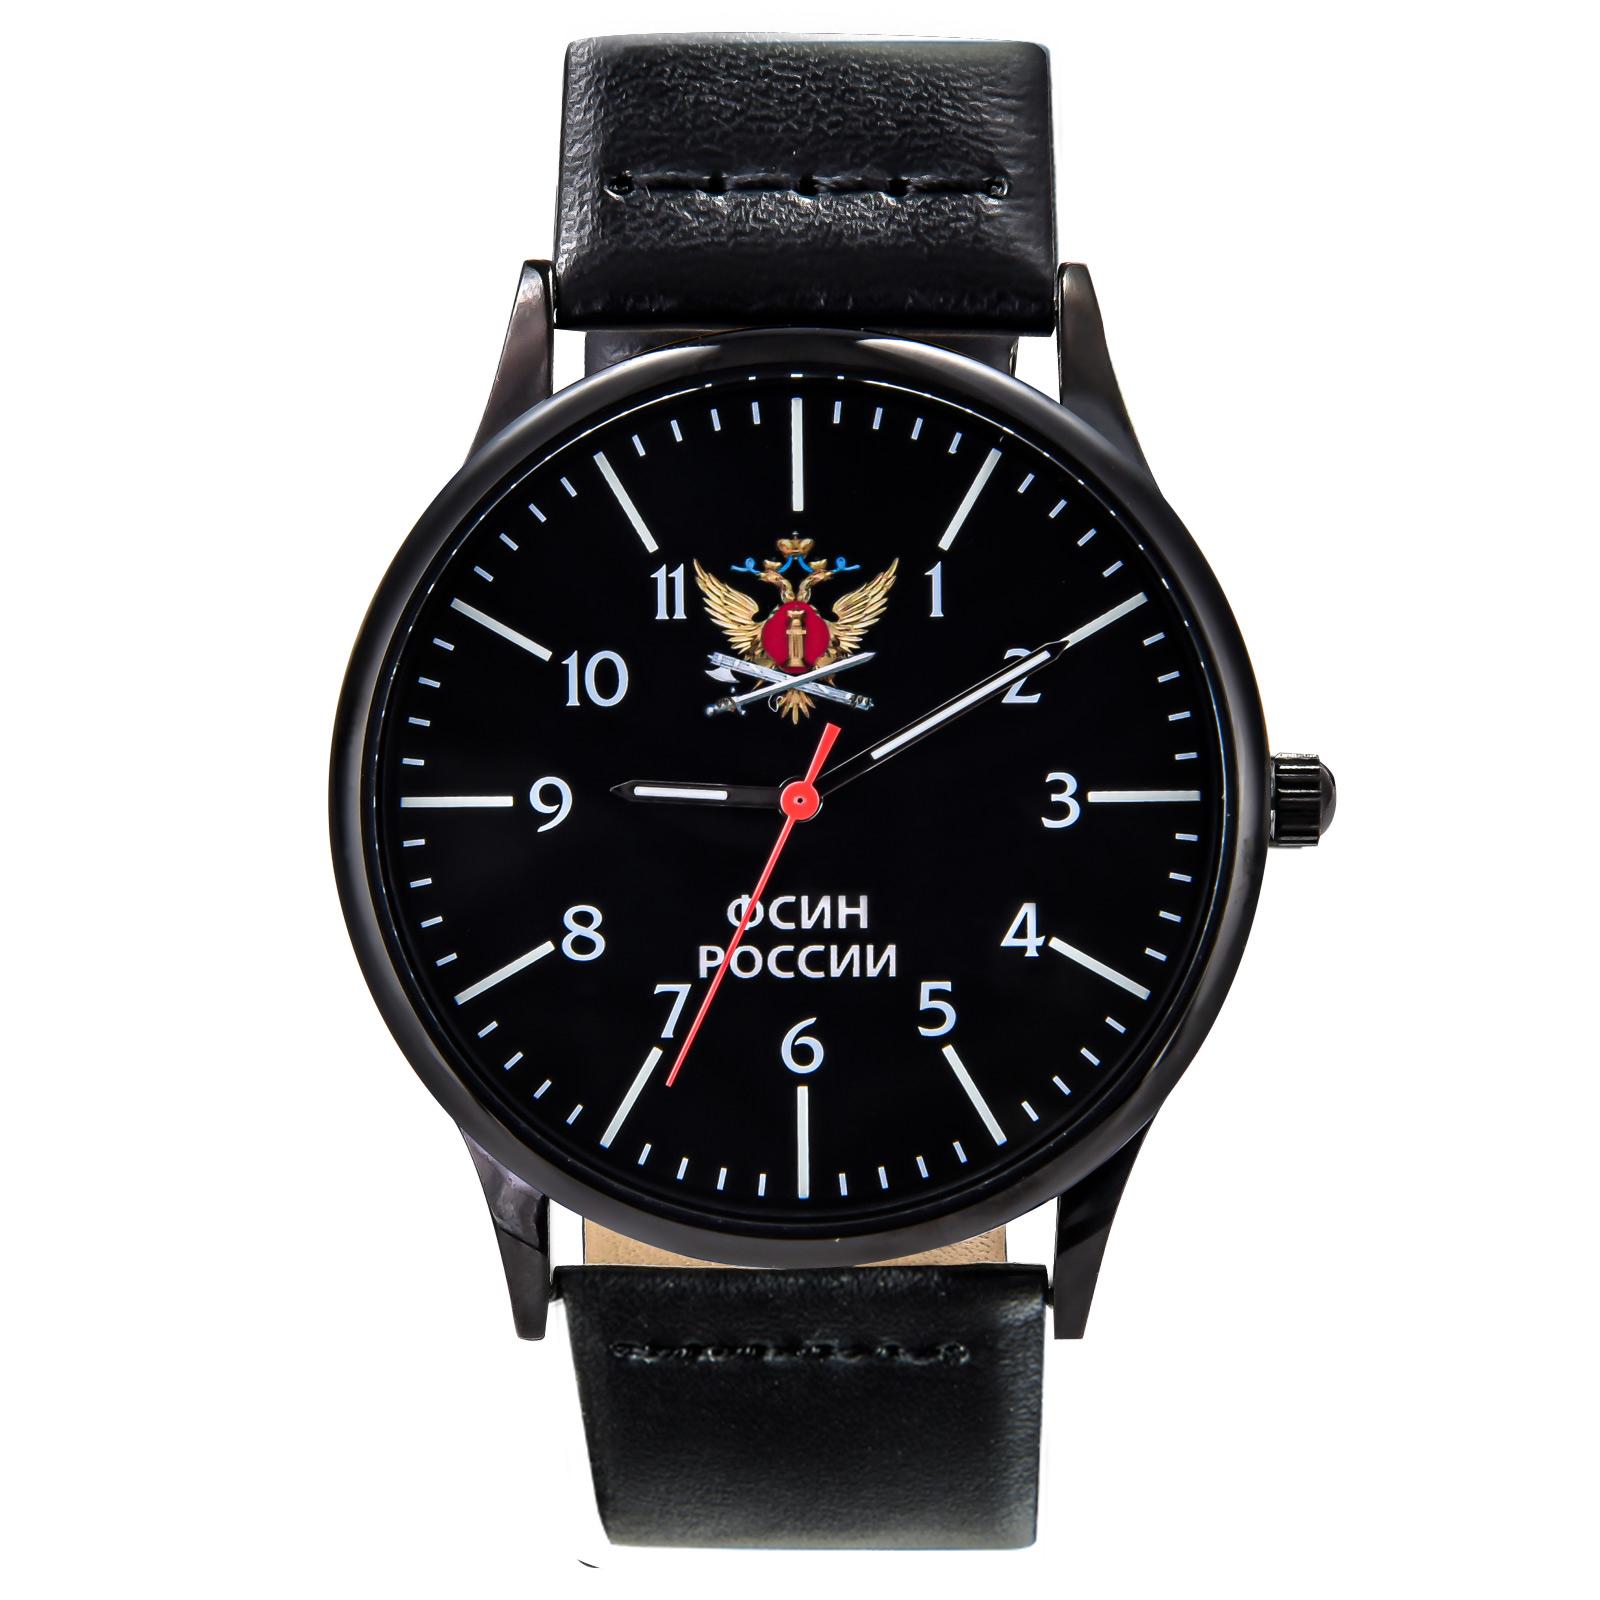 Наручные подарочные часы ФСИН